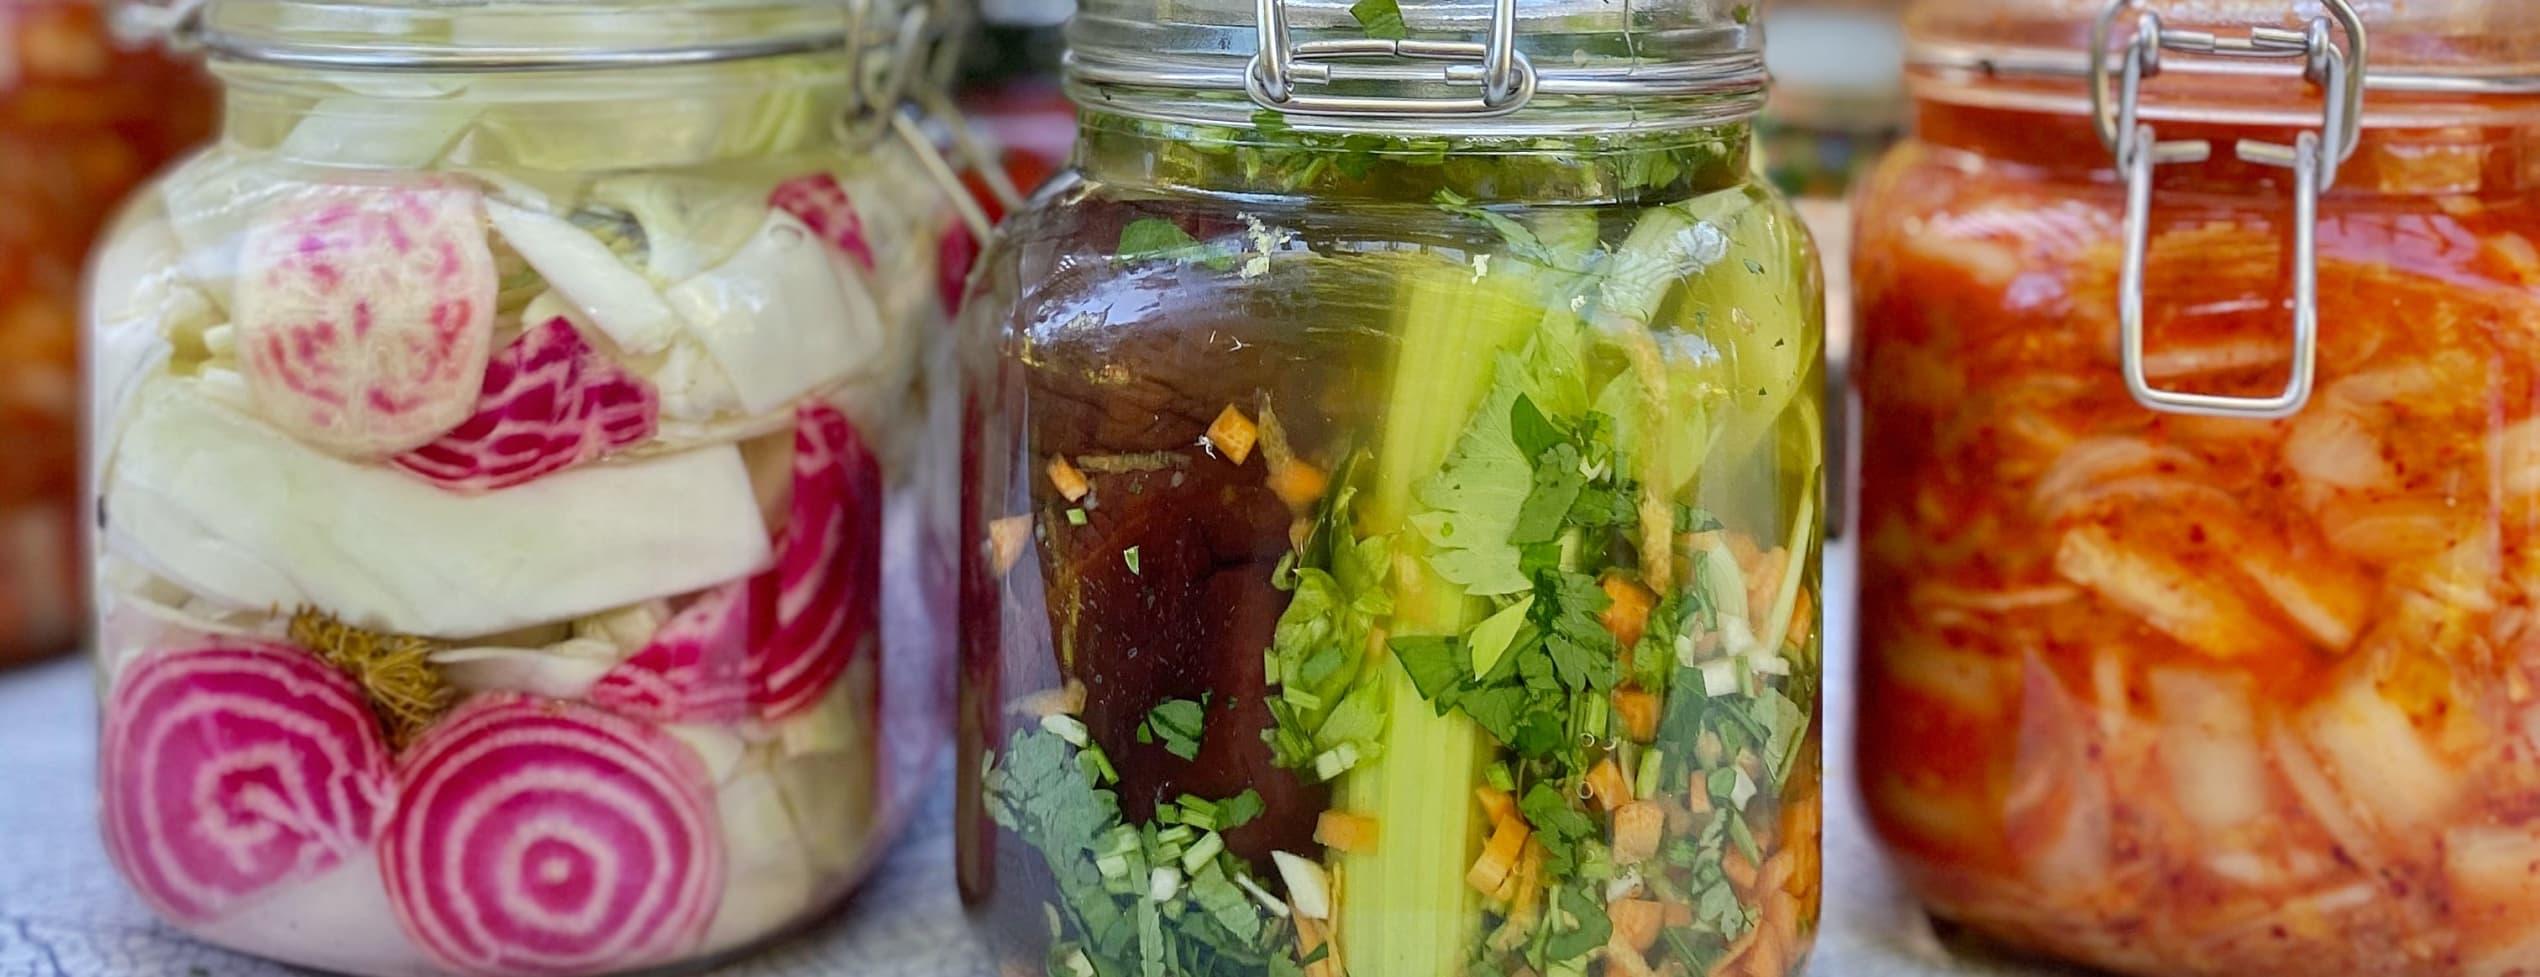 Fermentering-- så lyckas du med egna mjölksyrade grönsaker hemma